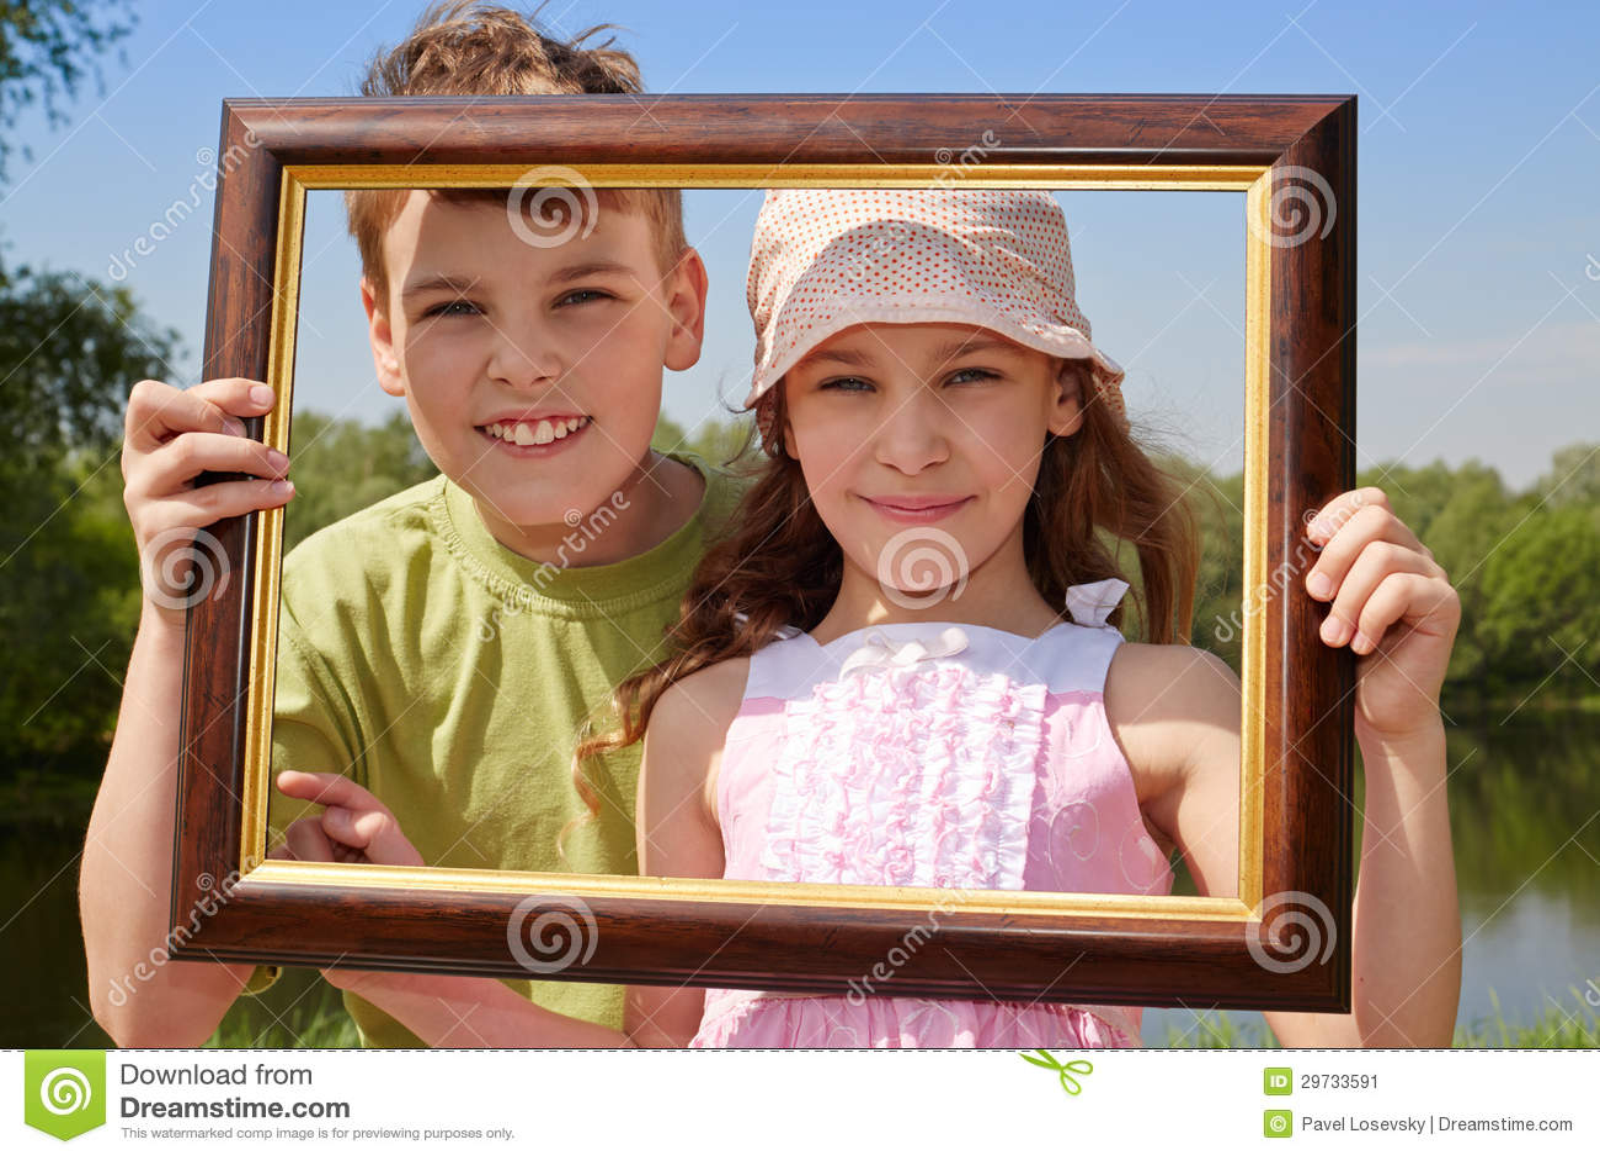 Lächelnder Mädchen- Und Jungenstand Draußen, Bilderrahmen Halten ...